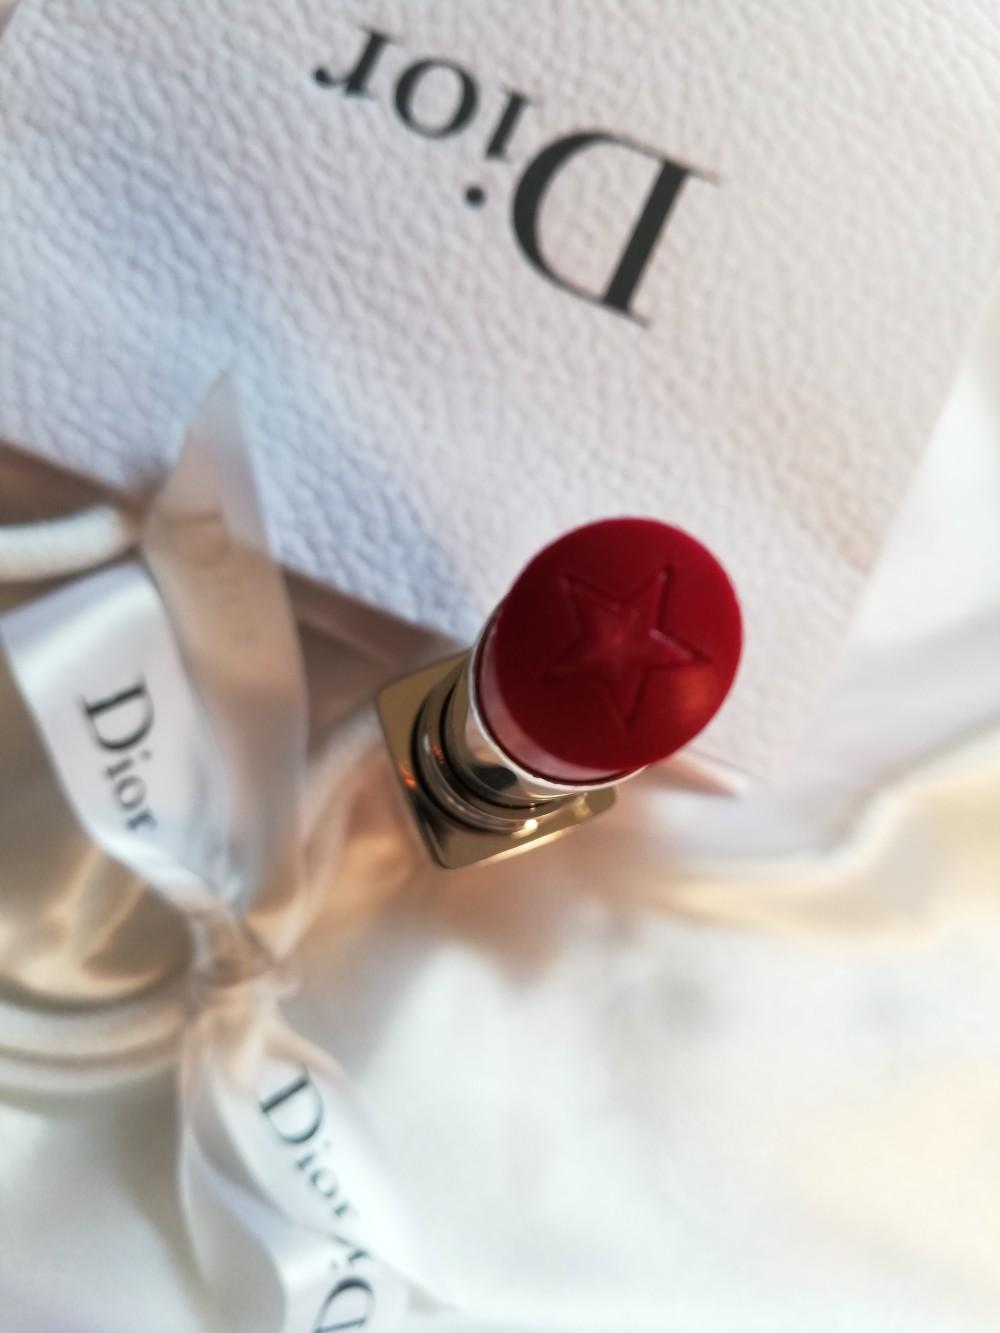 Recensione dei rossetti Dior Addict estate 2020